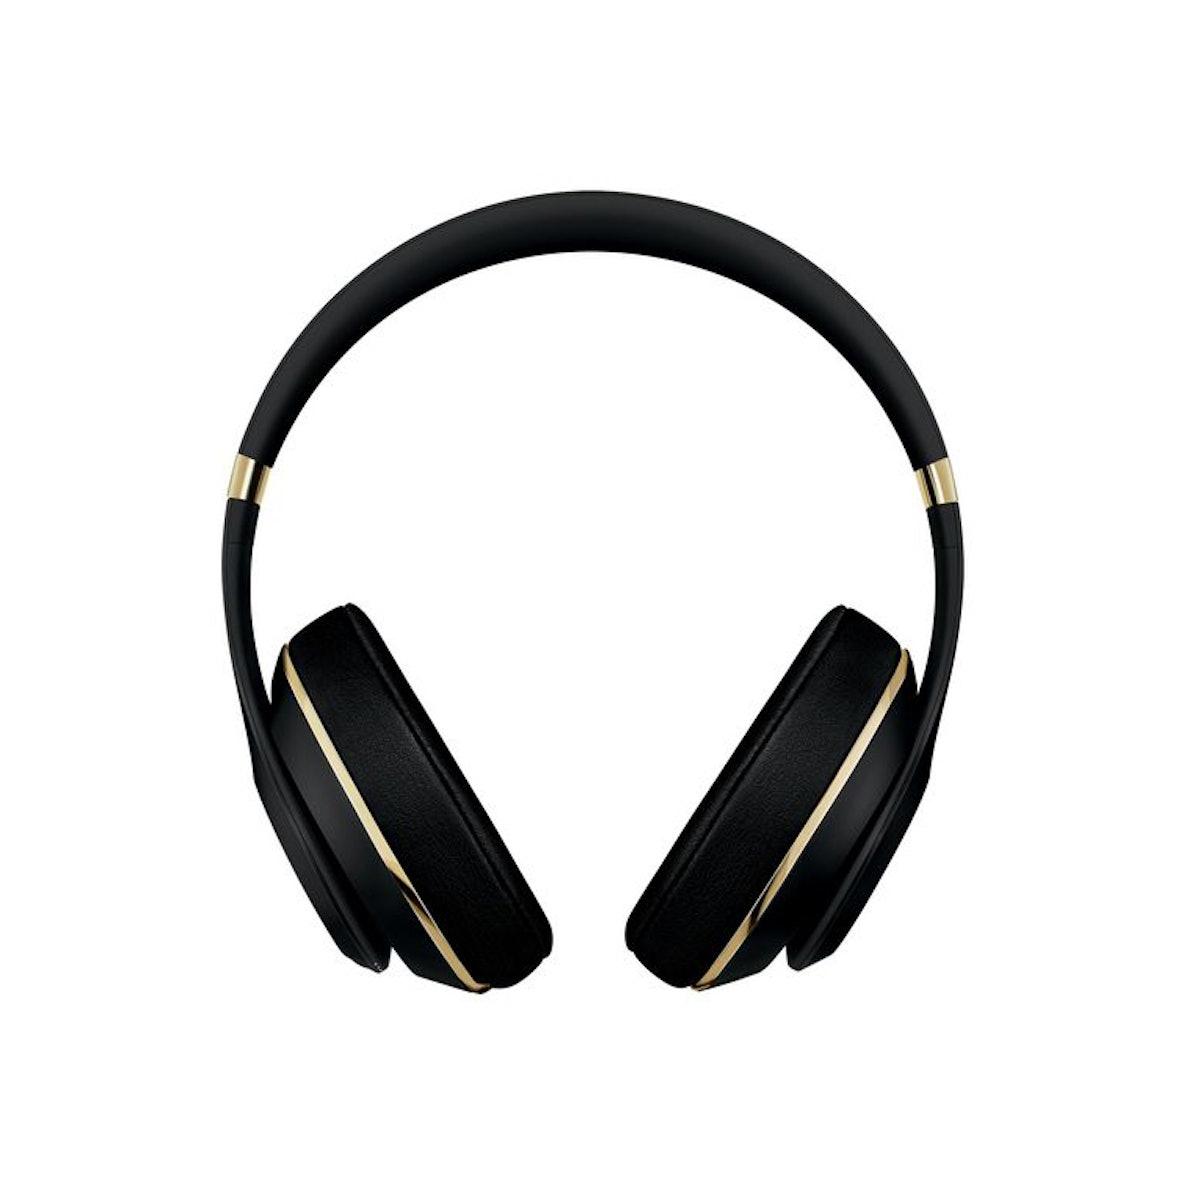 4.-BEATS-X-ALEXANDER-WANG-$449-BEATSBYDRE.COM